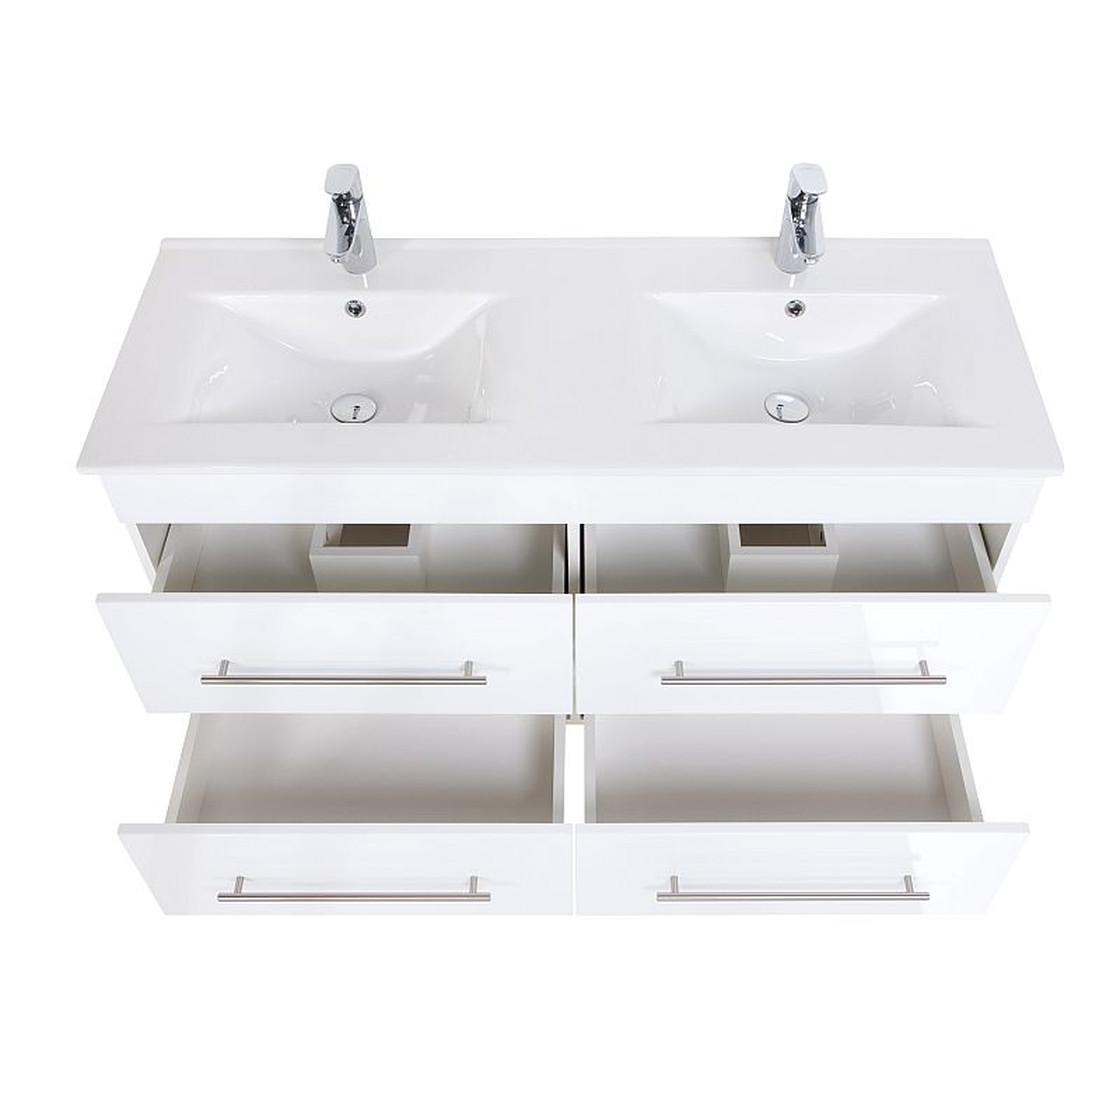 Waschtischunterschrank 120 Cm Ohne Waschbecken